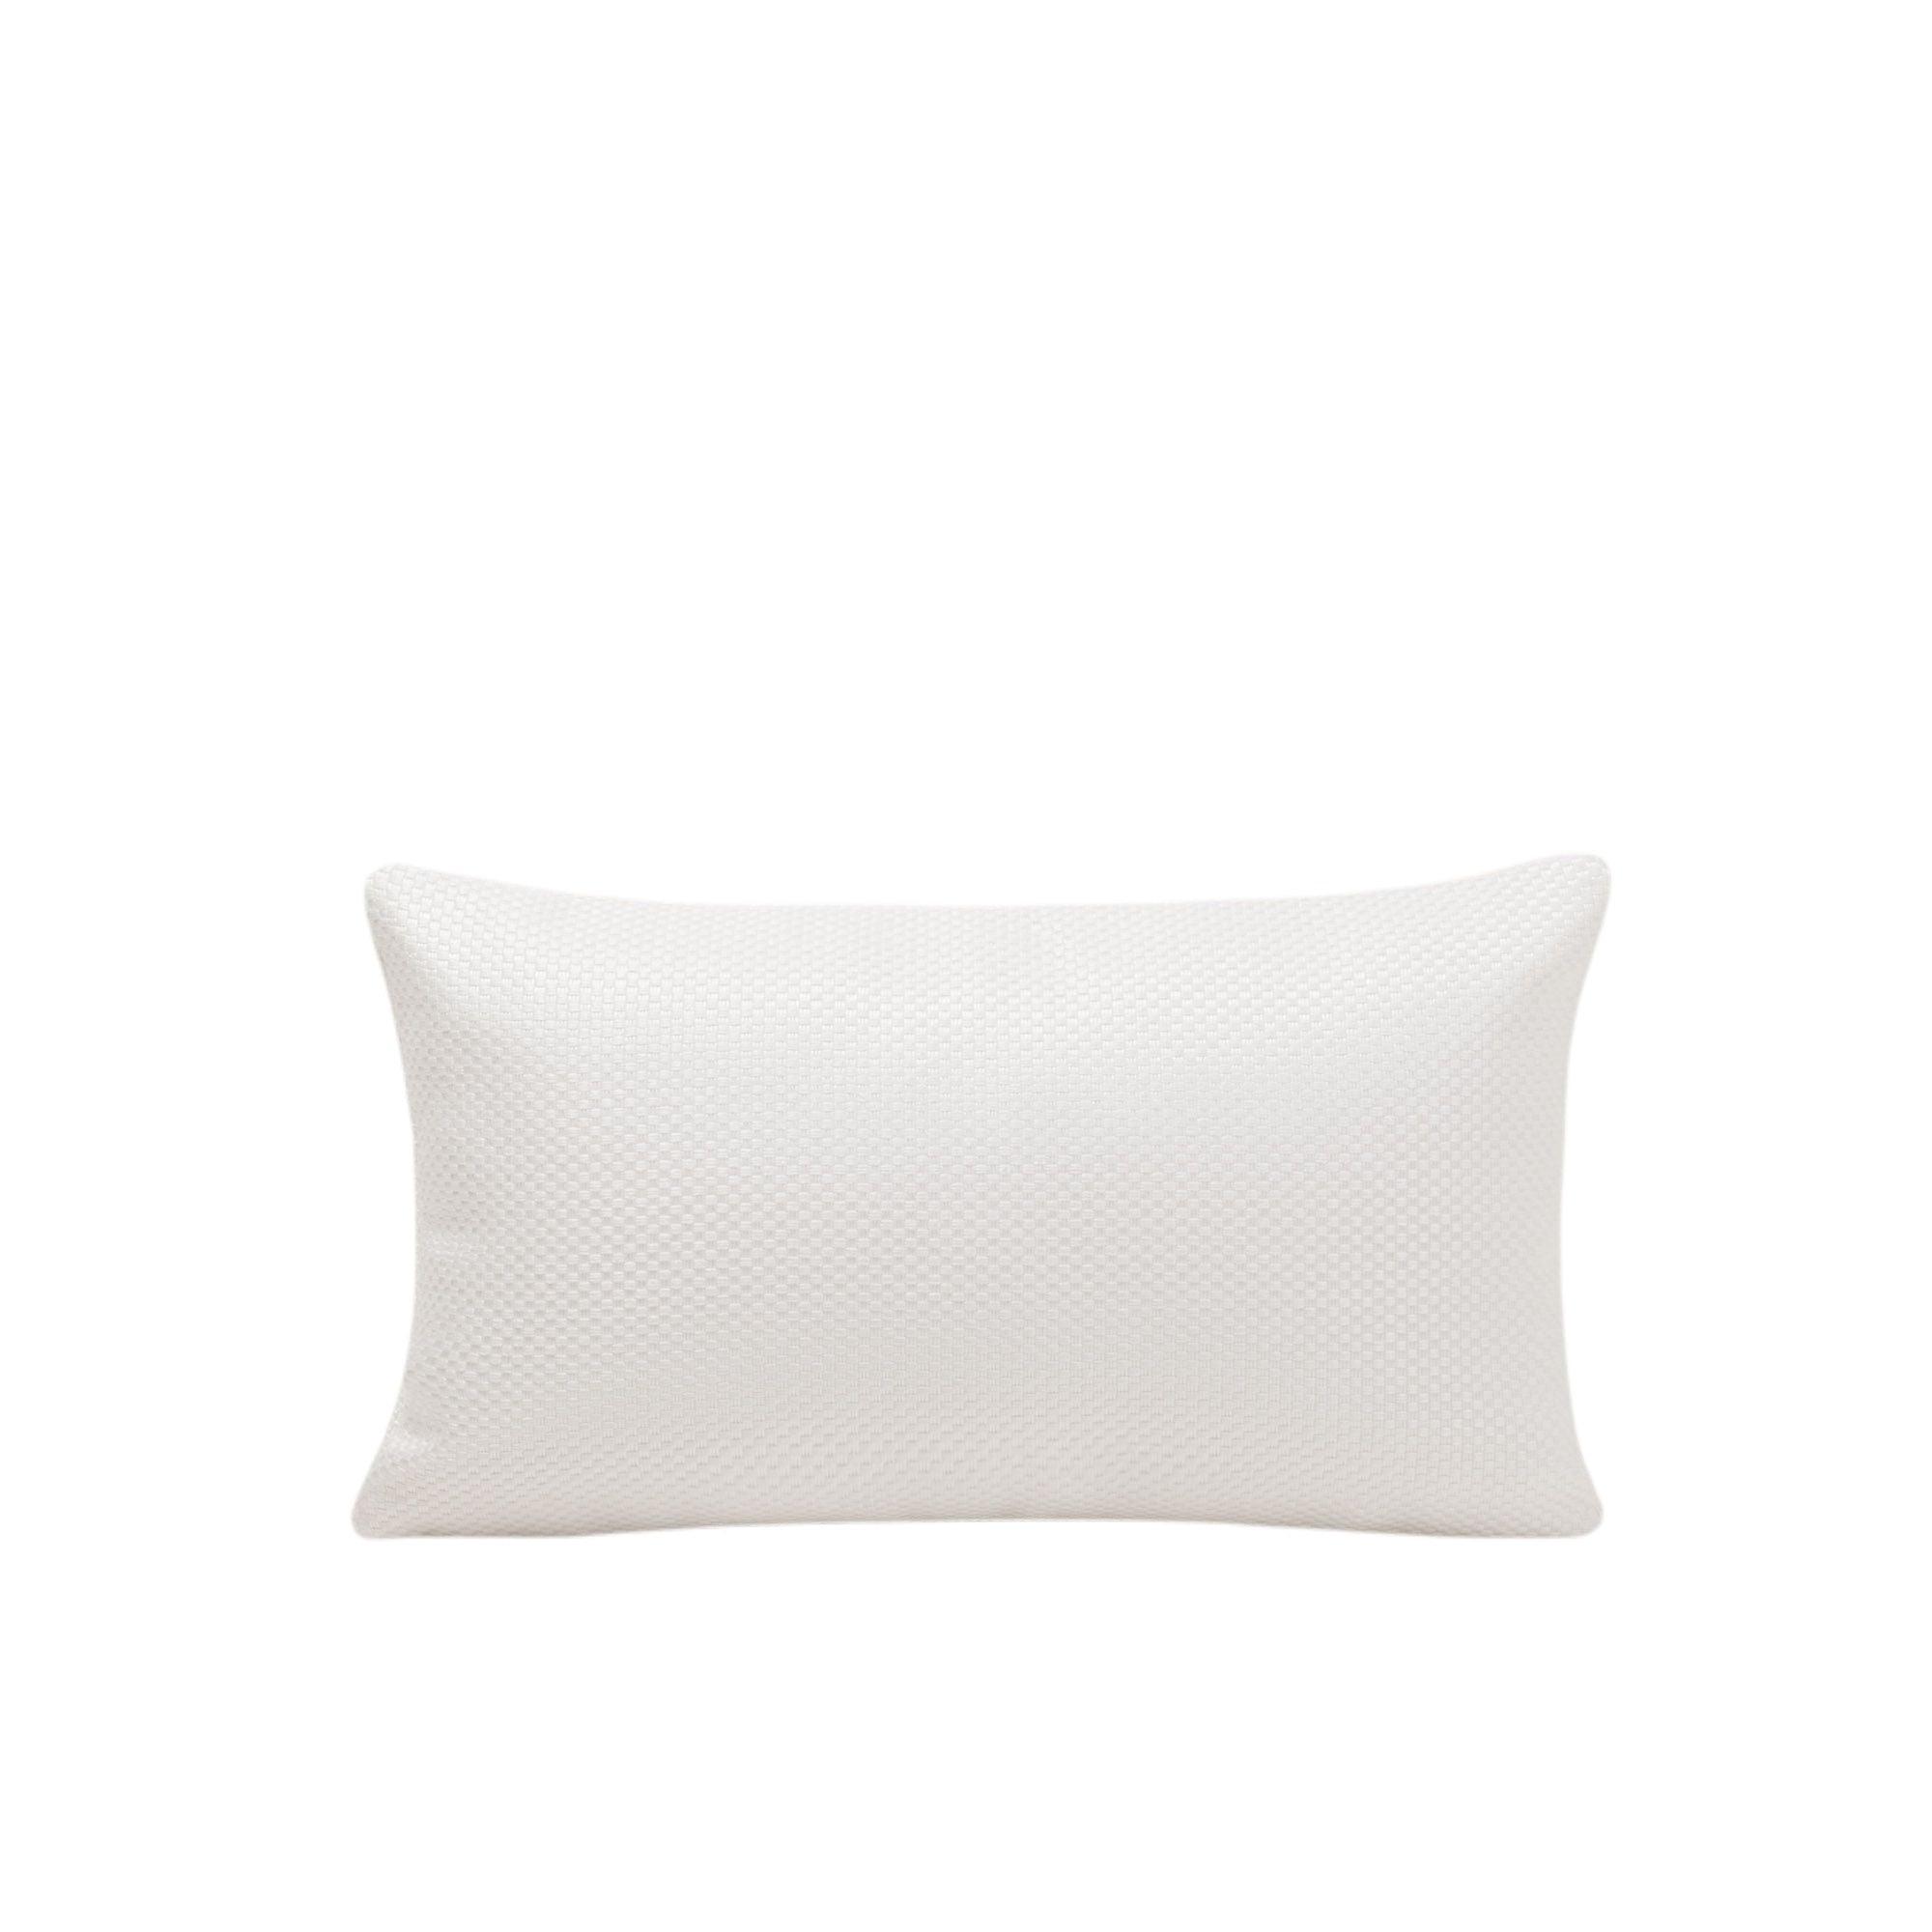 Housse de coussin 28x47 cm Blanc